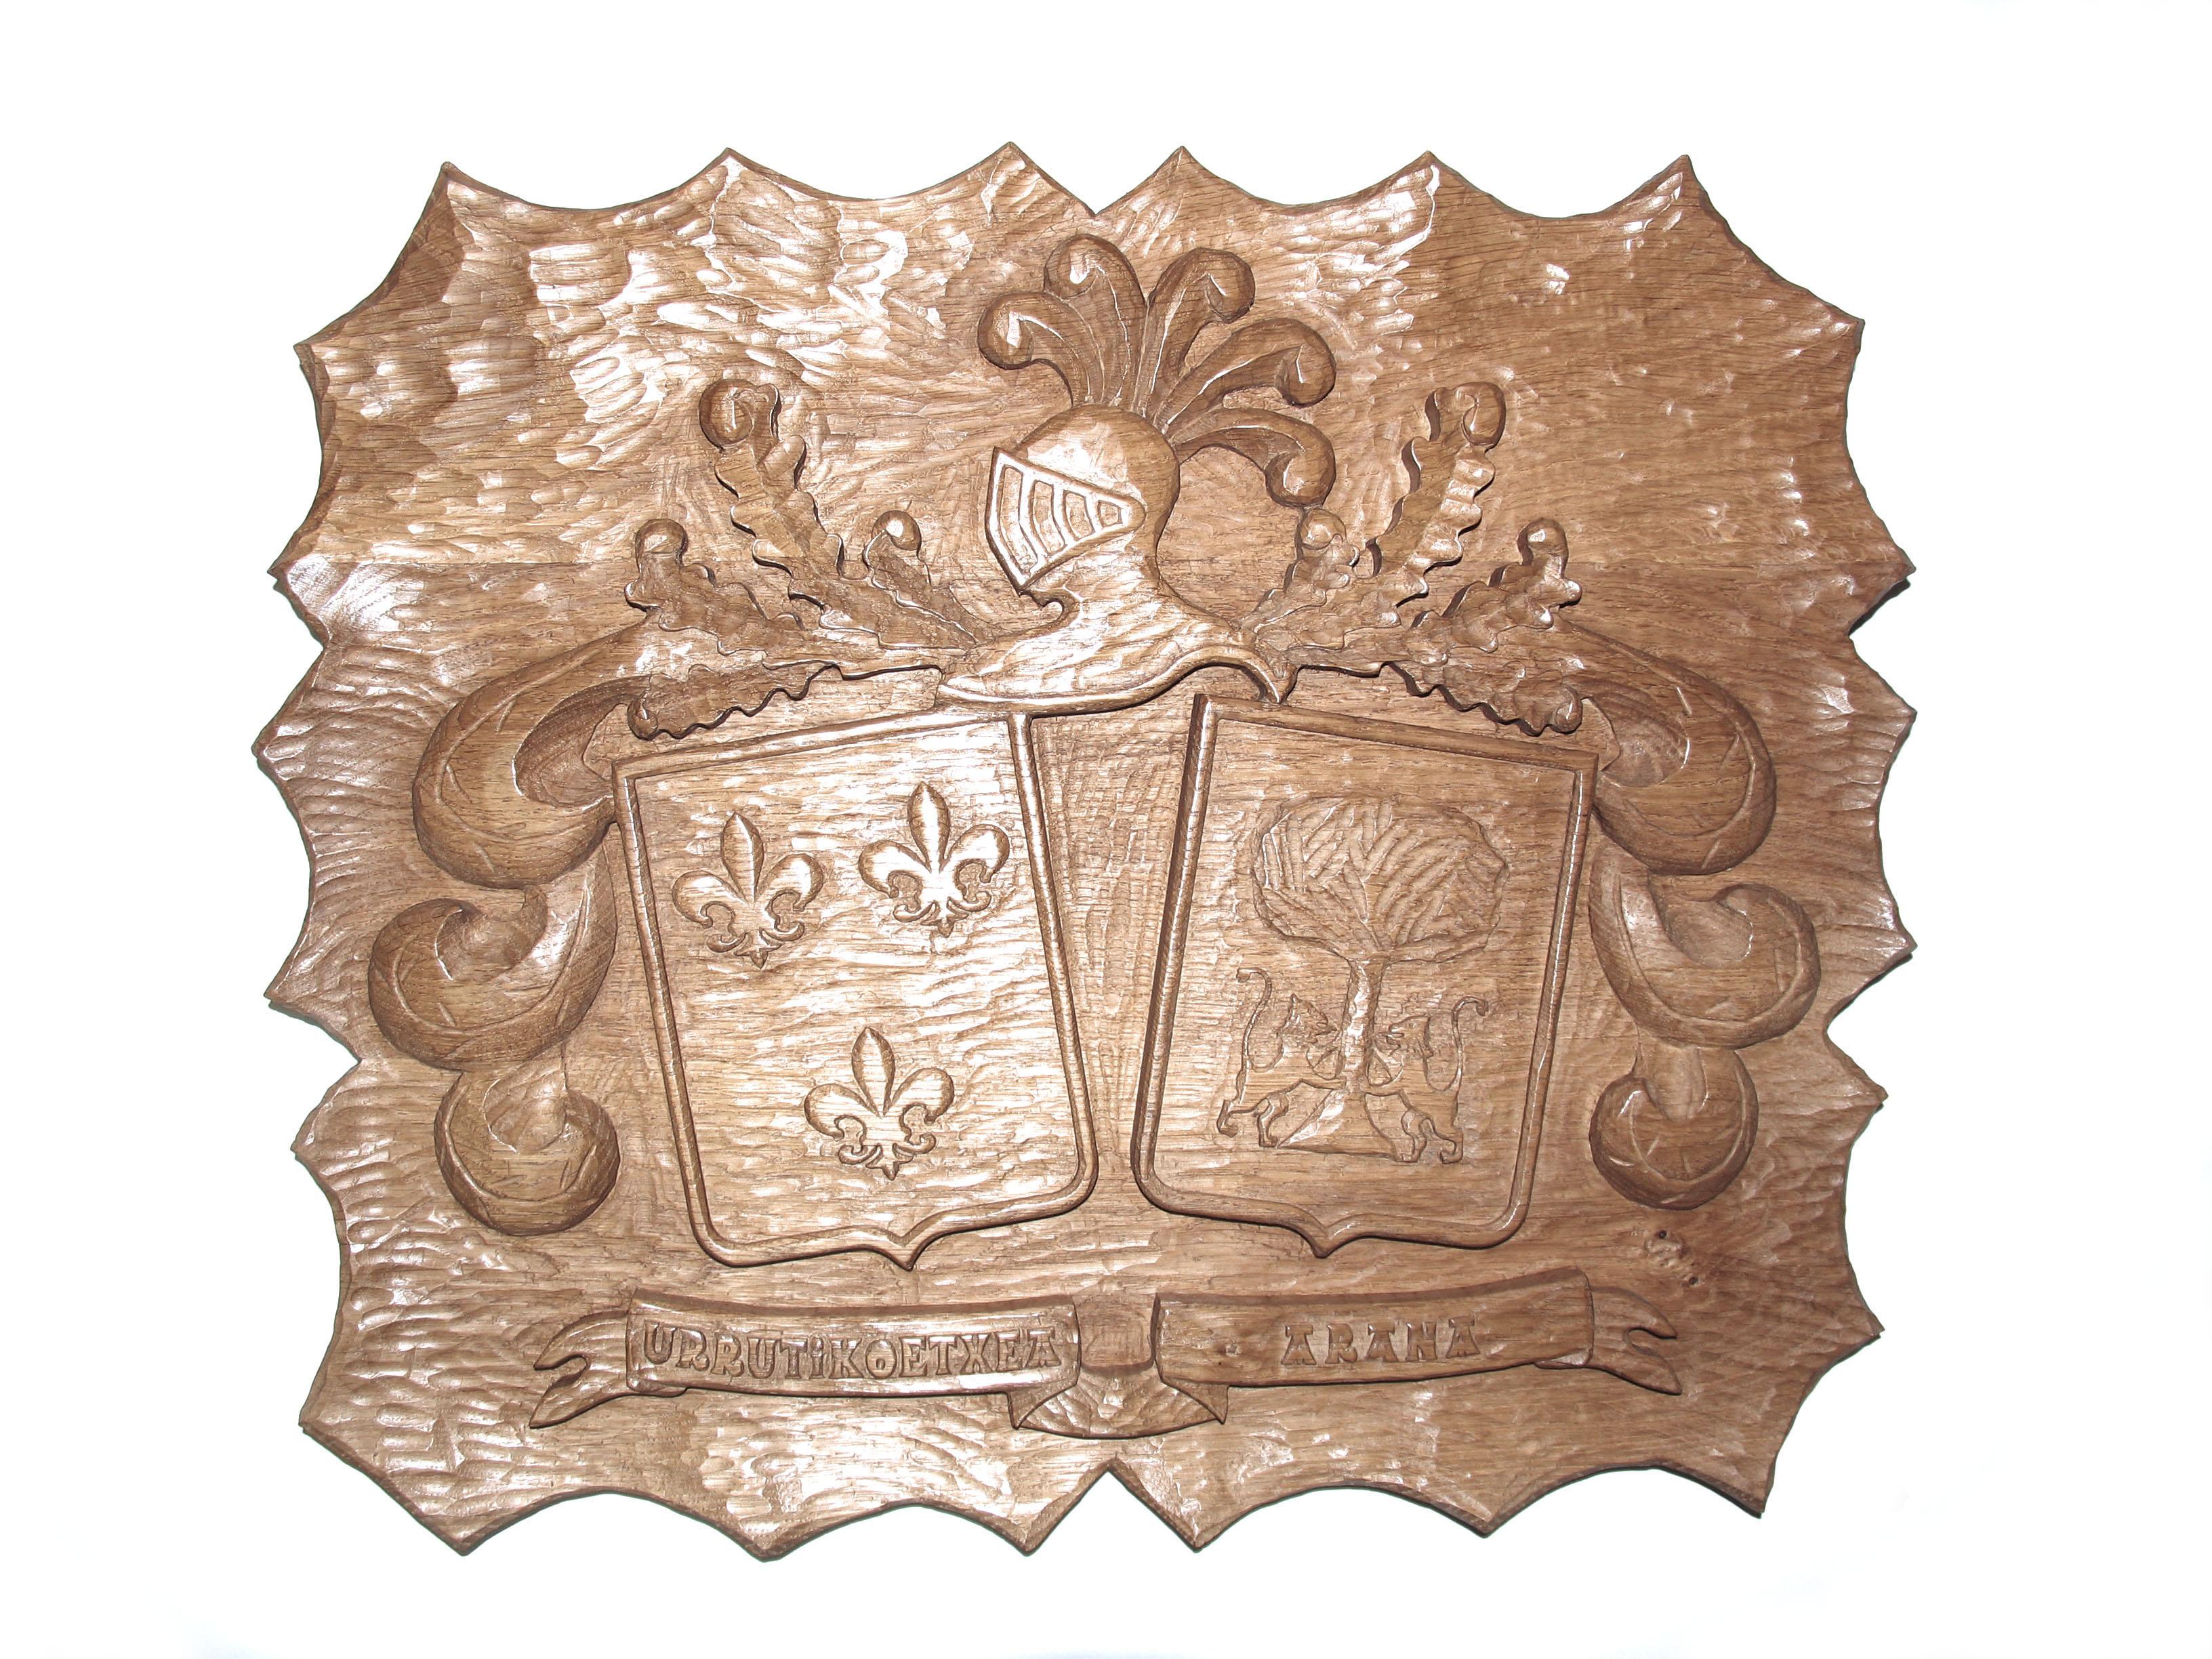 Escudo heráldico de dos apellidos tallado en madera de roble